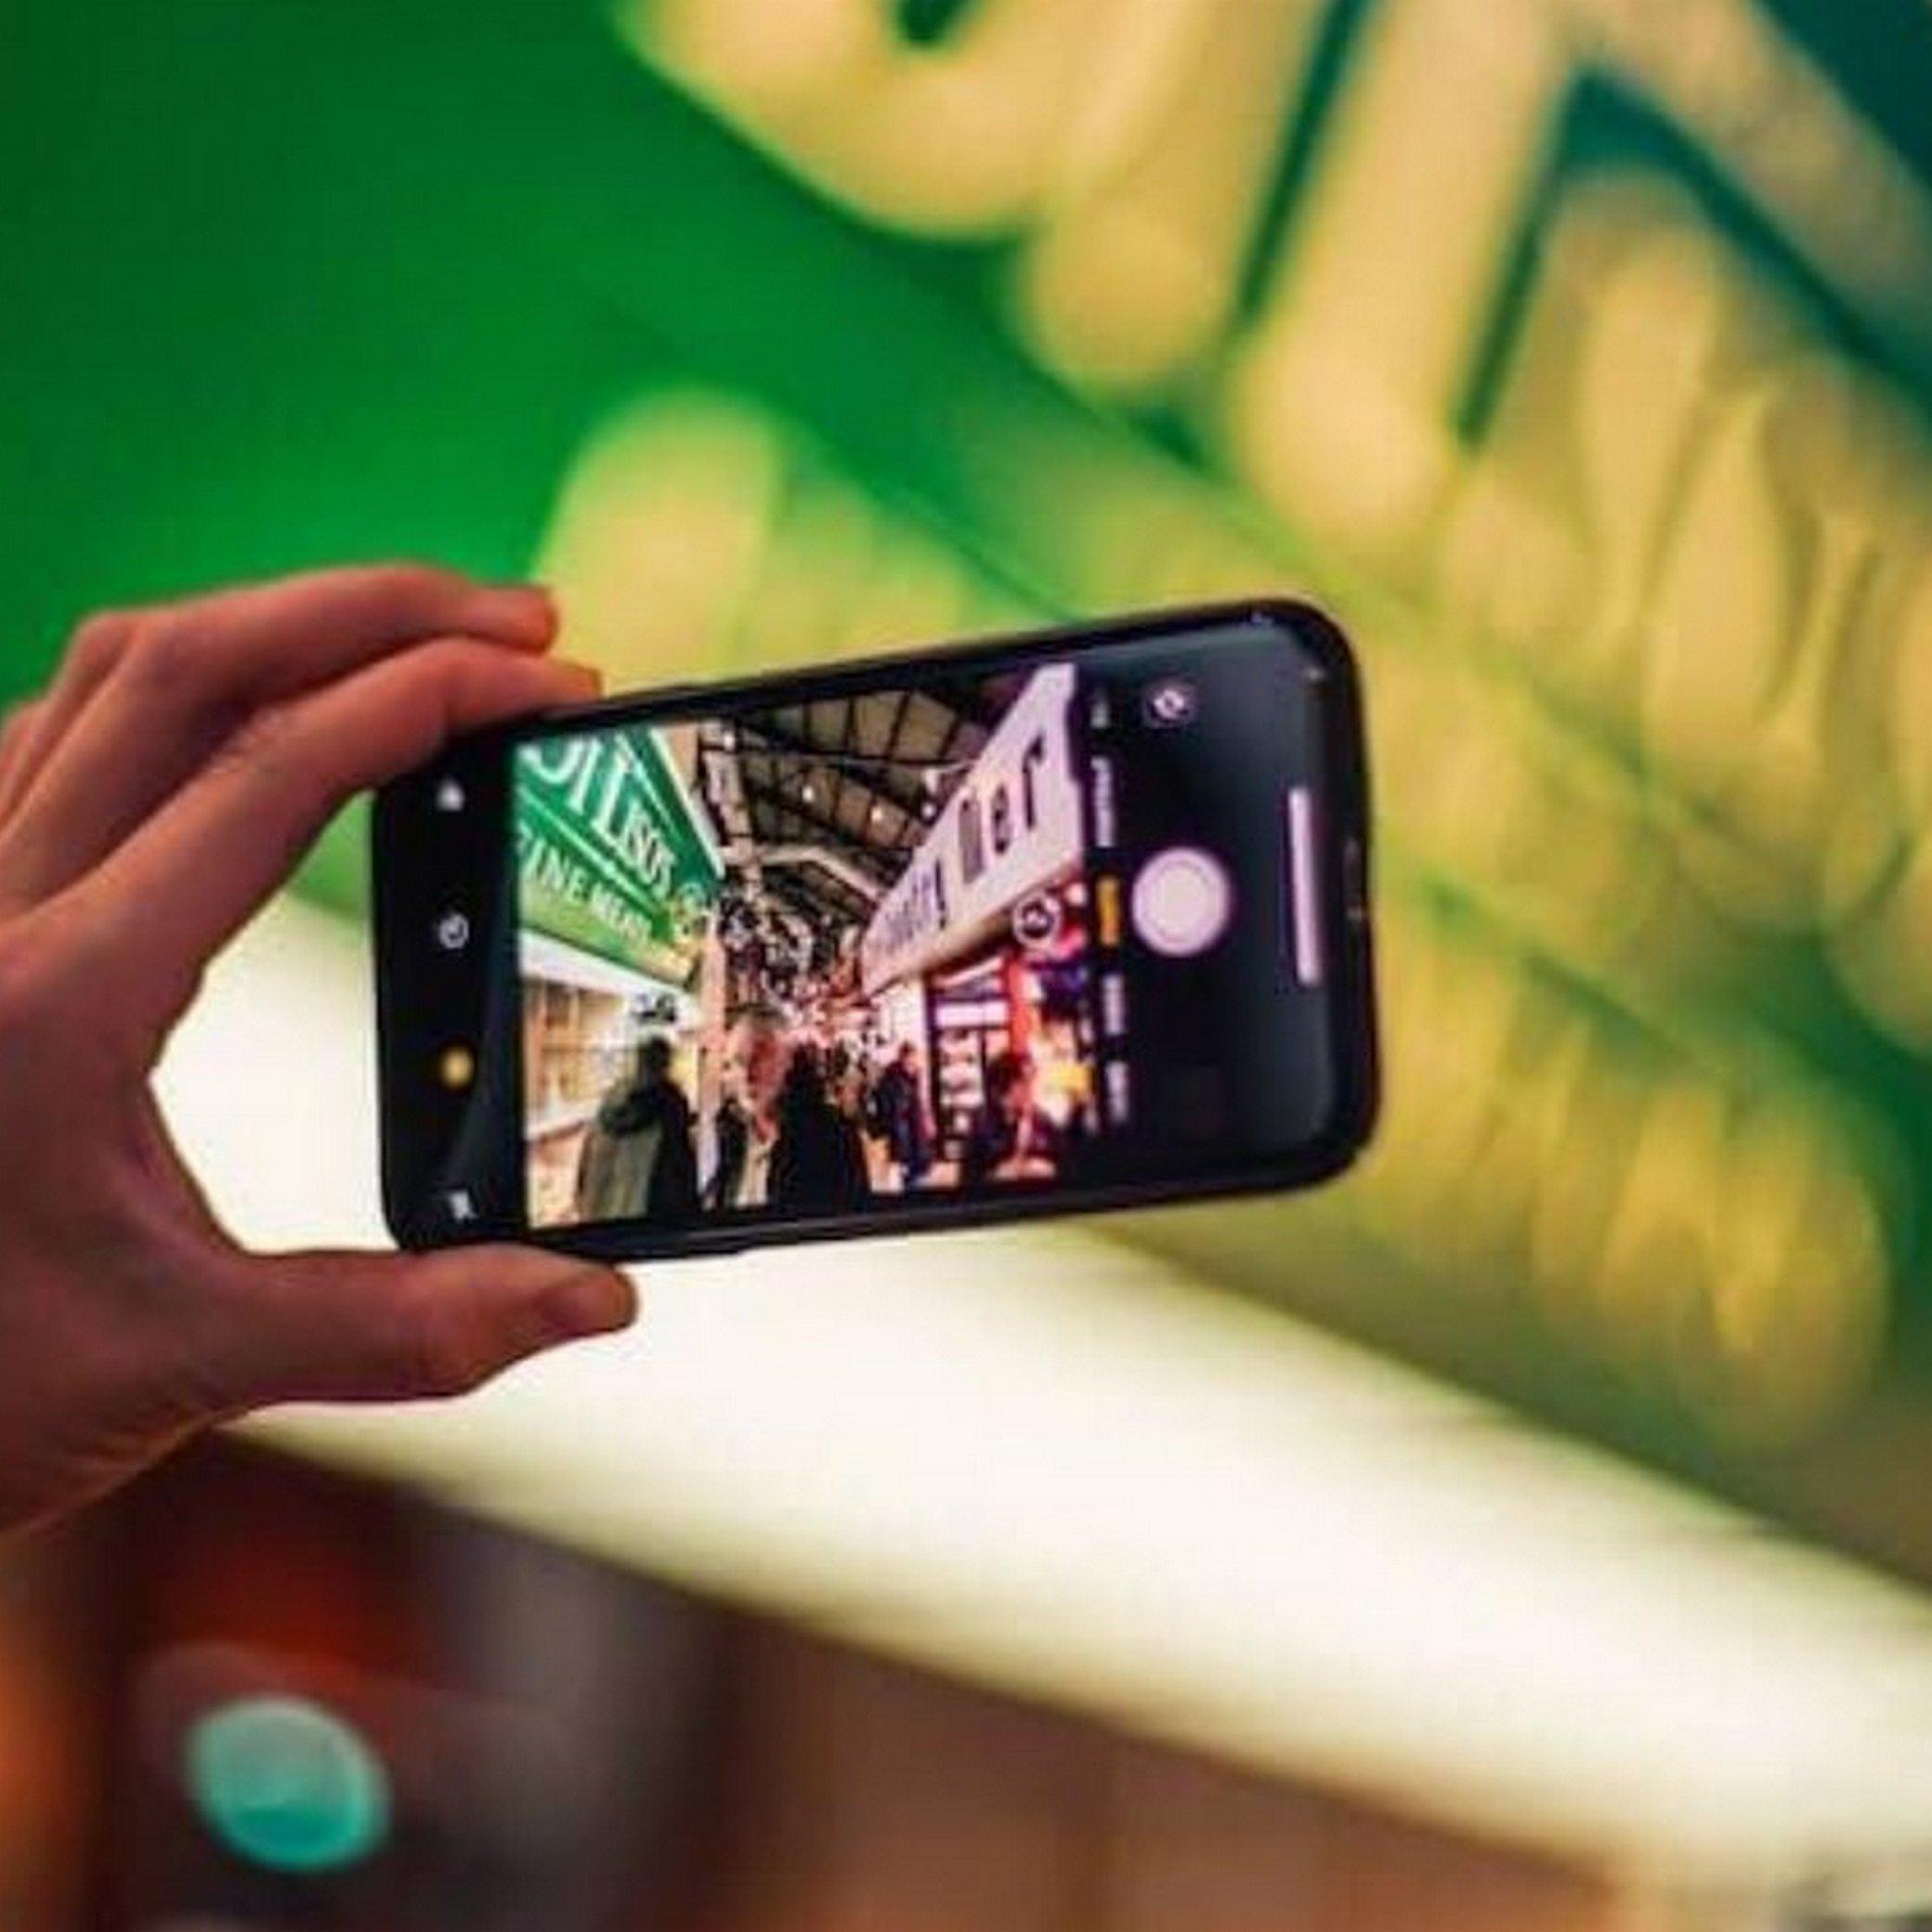 Съемка на Iphone